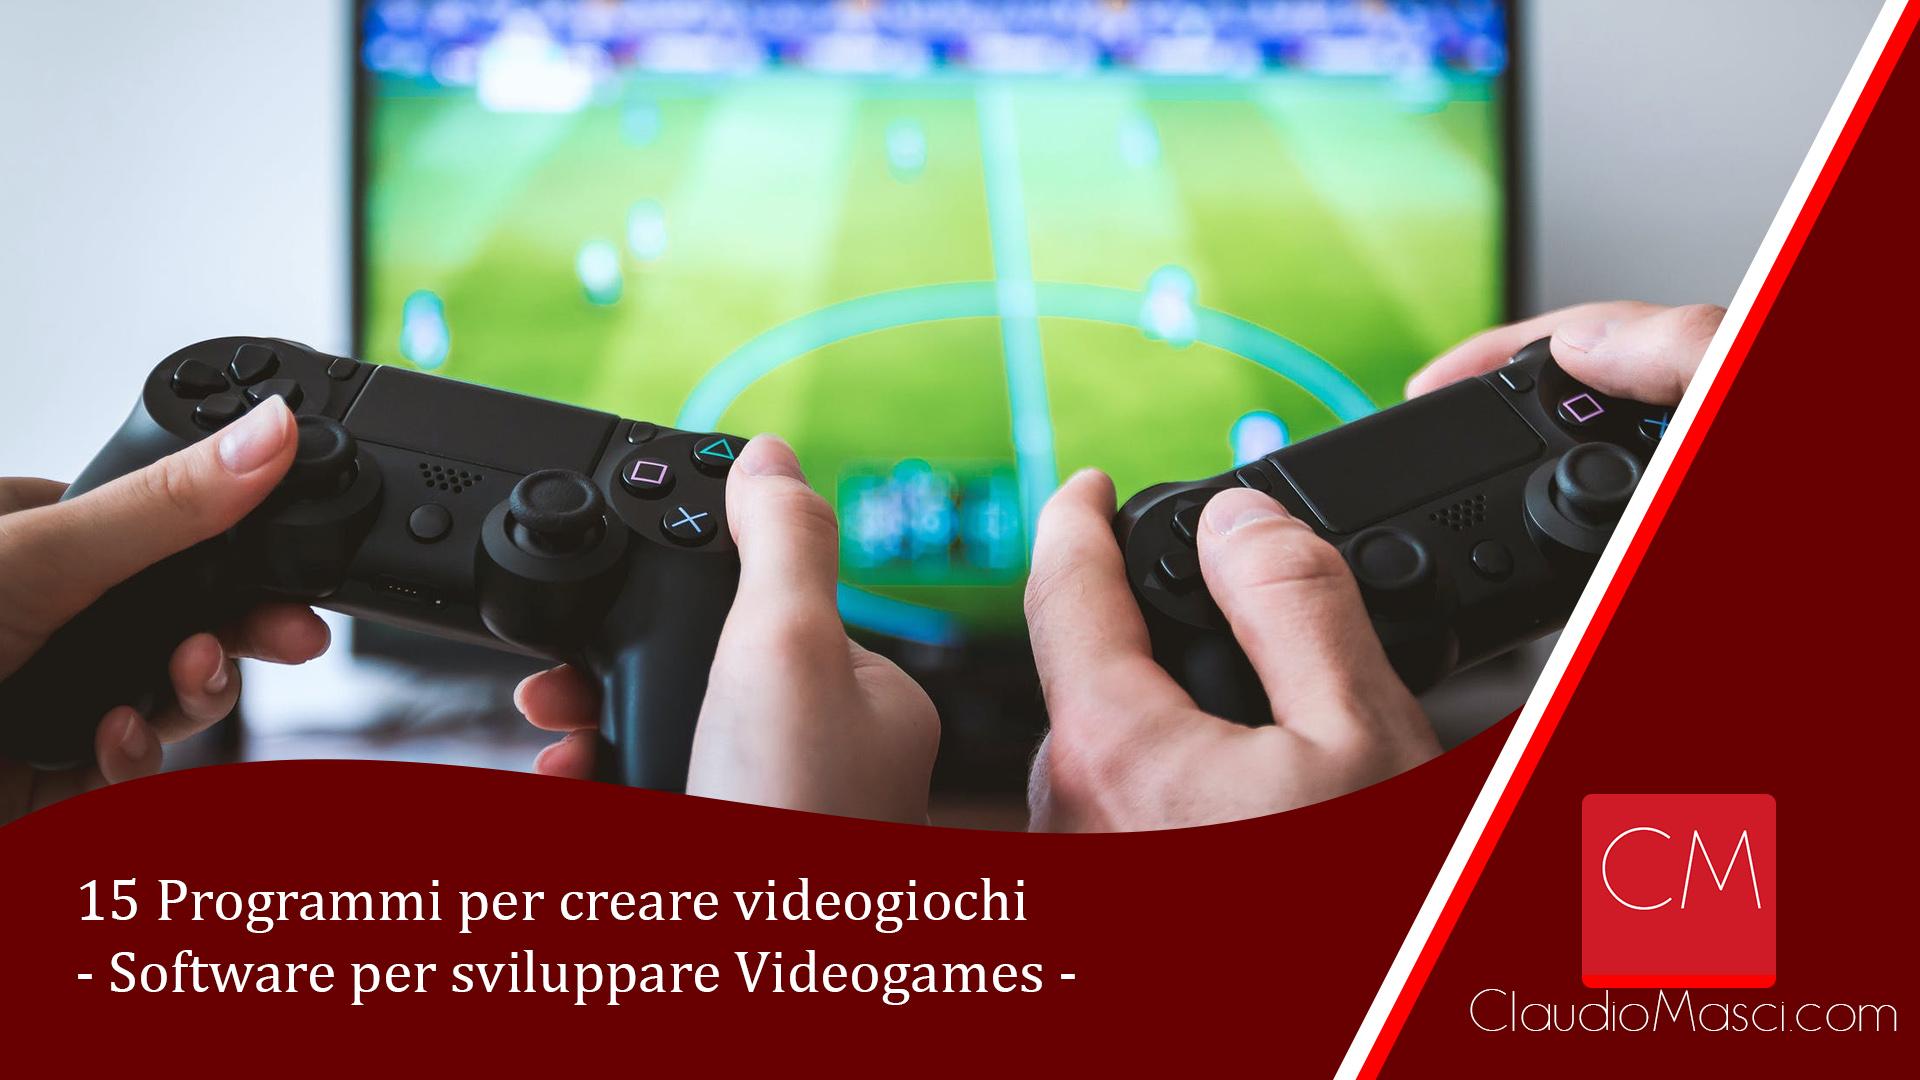 15 Programmi per creare videogiochi – Software per sviluppare Videogames